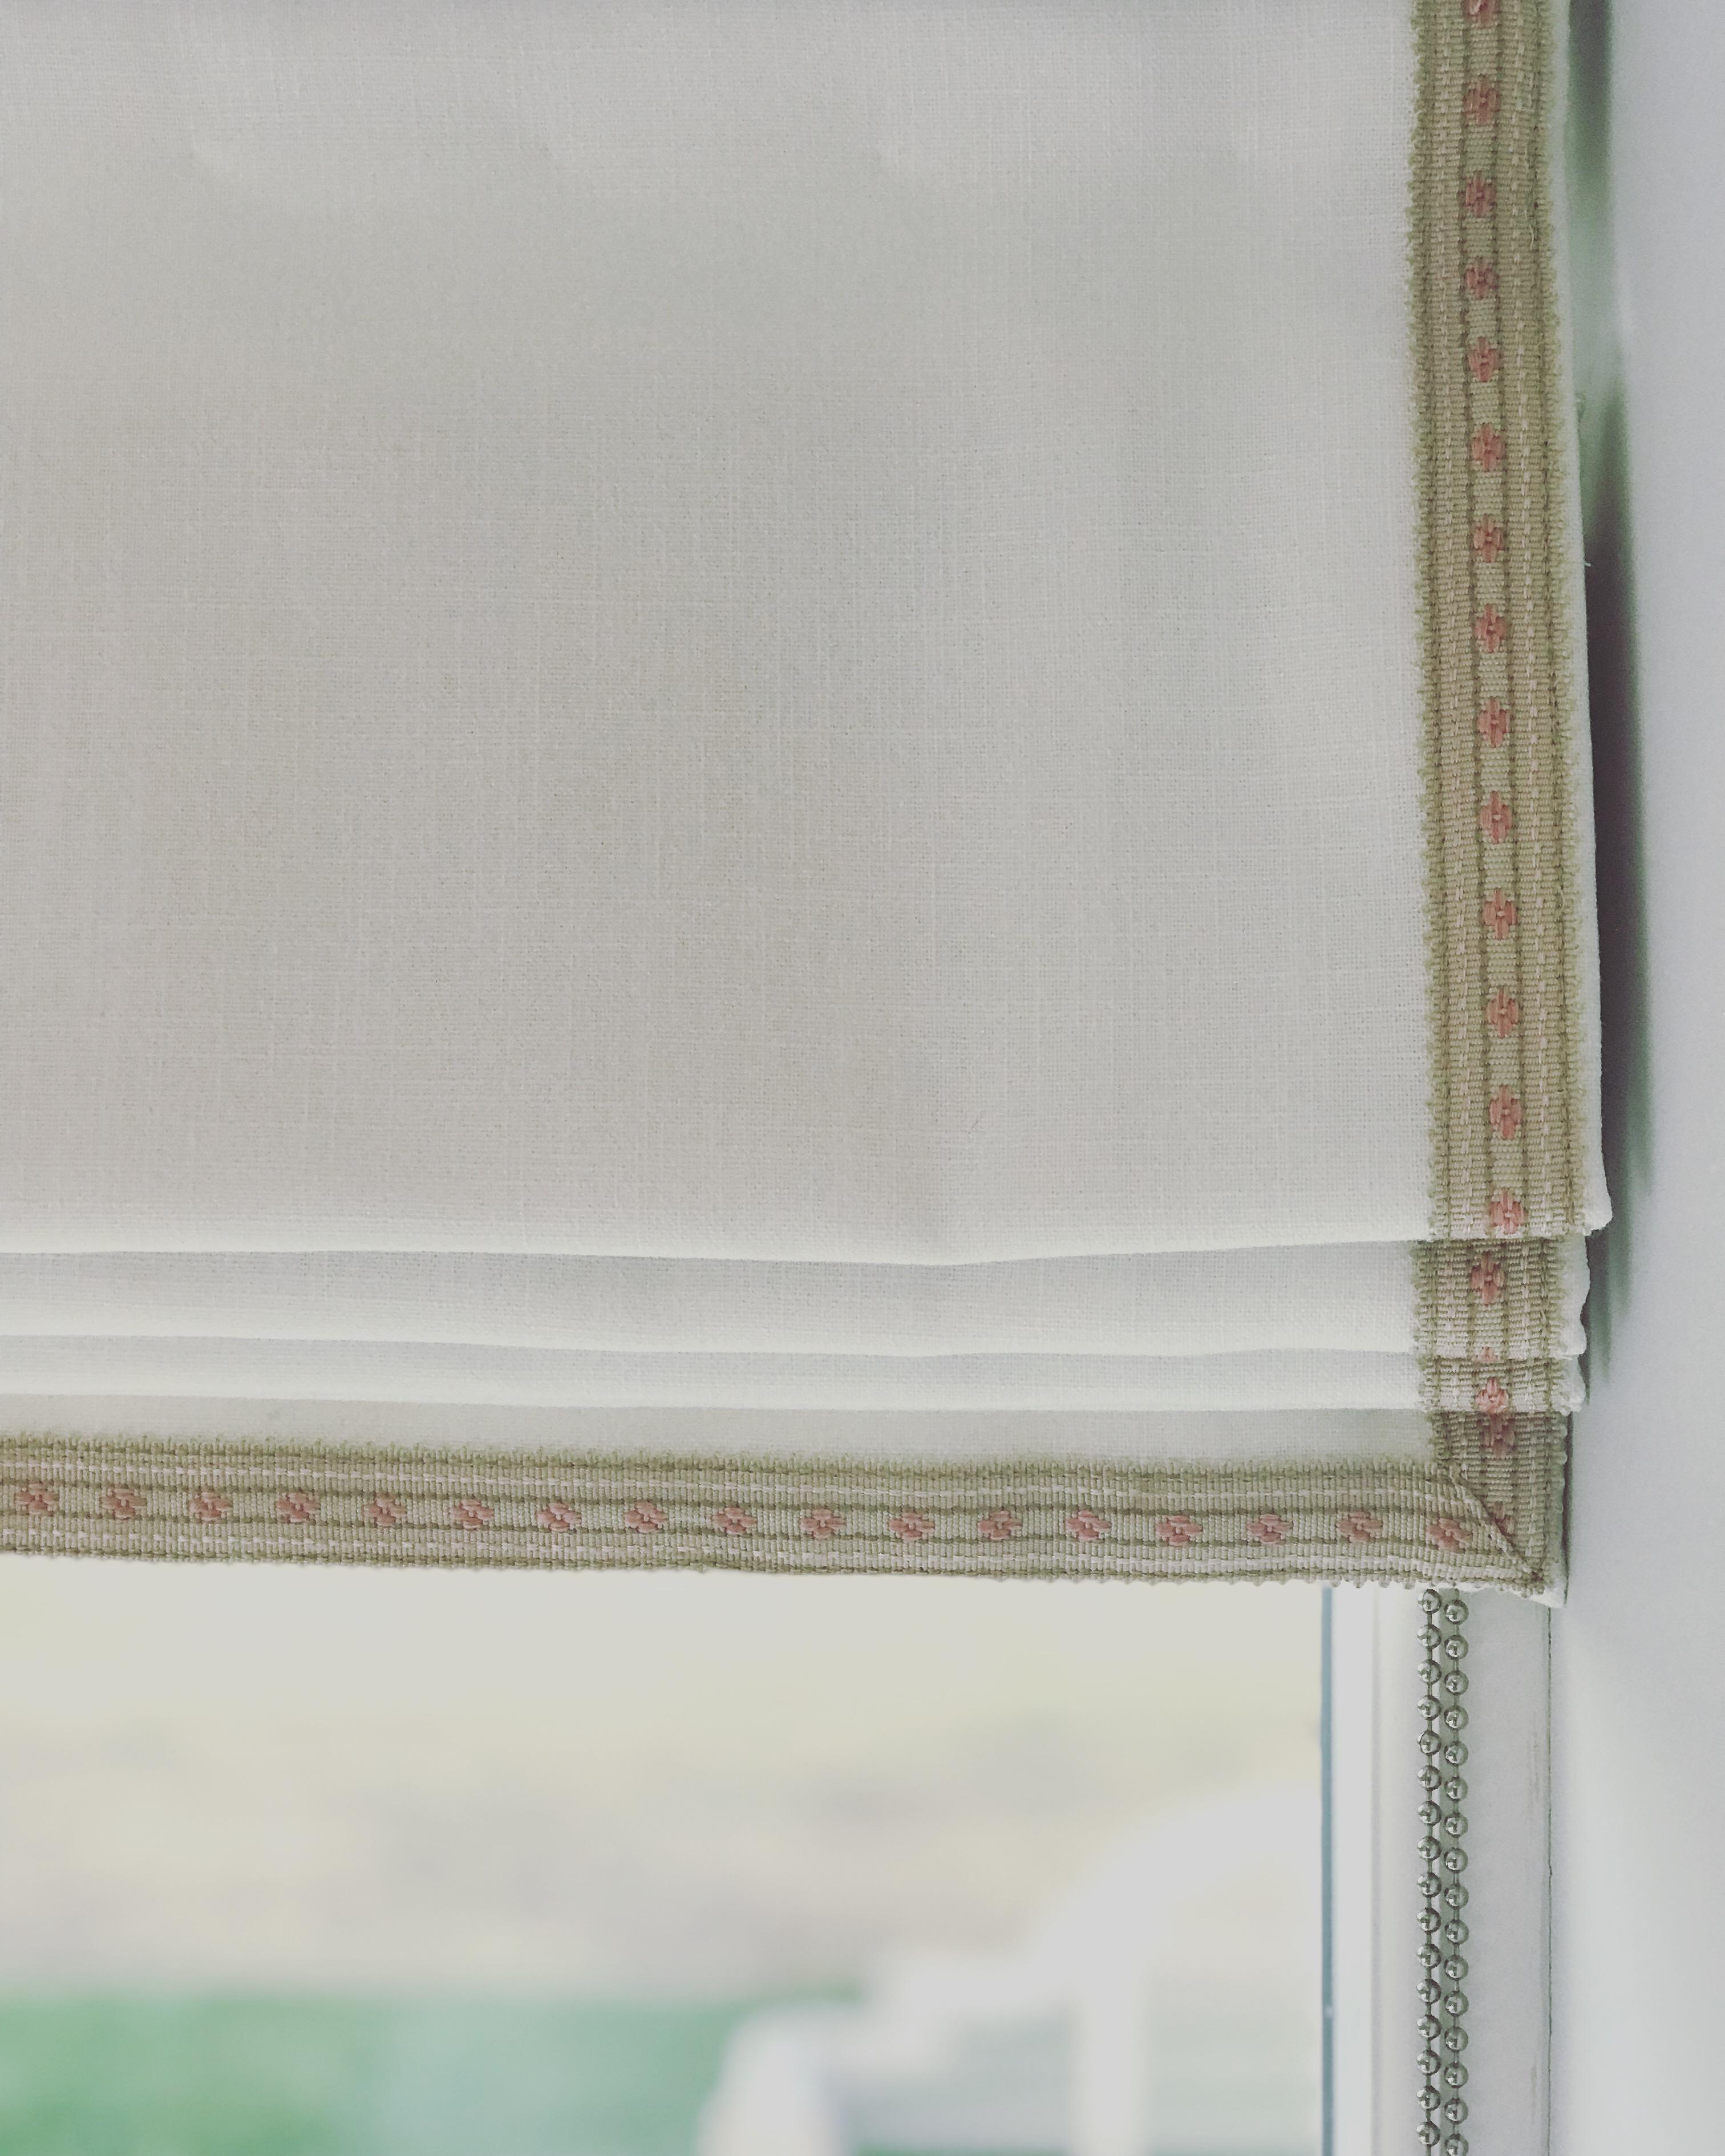 Blind Detail in Playroom